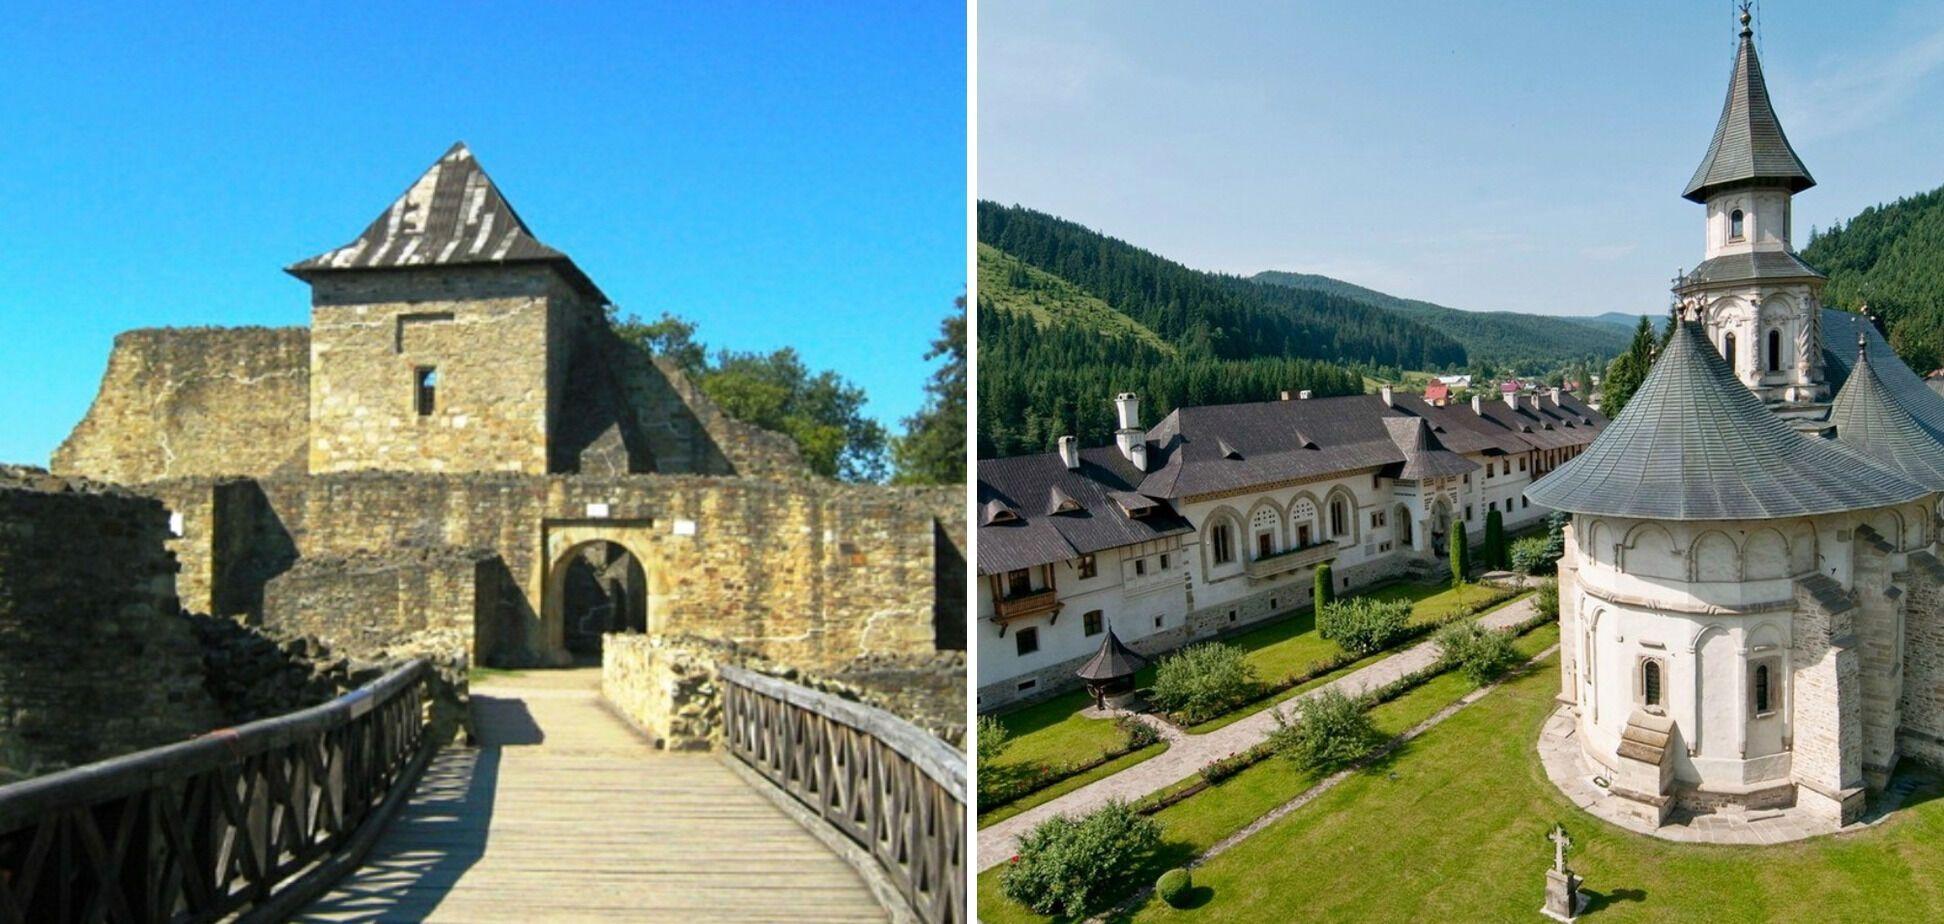 Тронна фортеця в Сучаві та монастир у Путні.